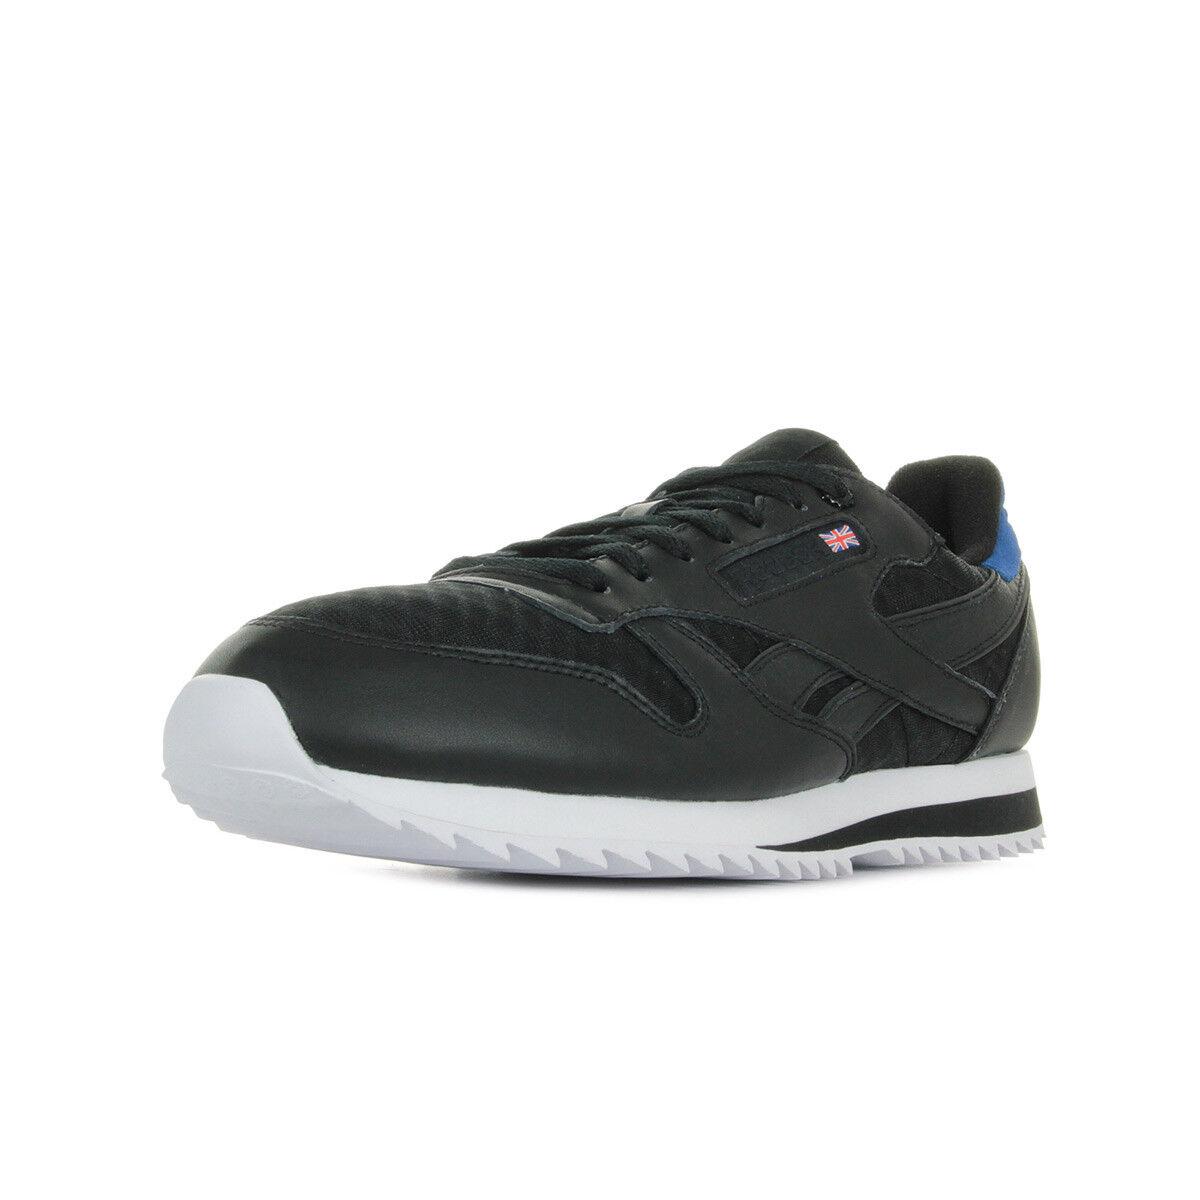 Schuhe Schuhe Schuhe Reebok Herren Classic leather schwarz 309deb